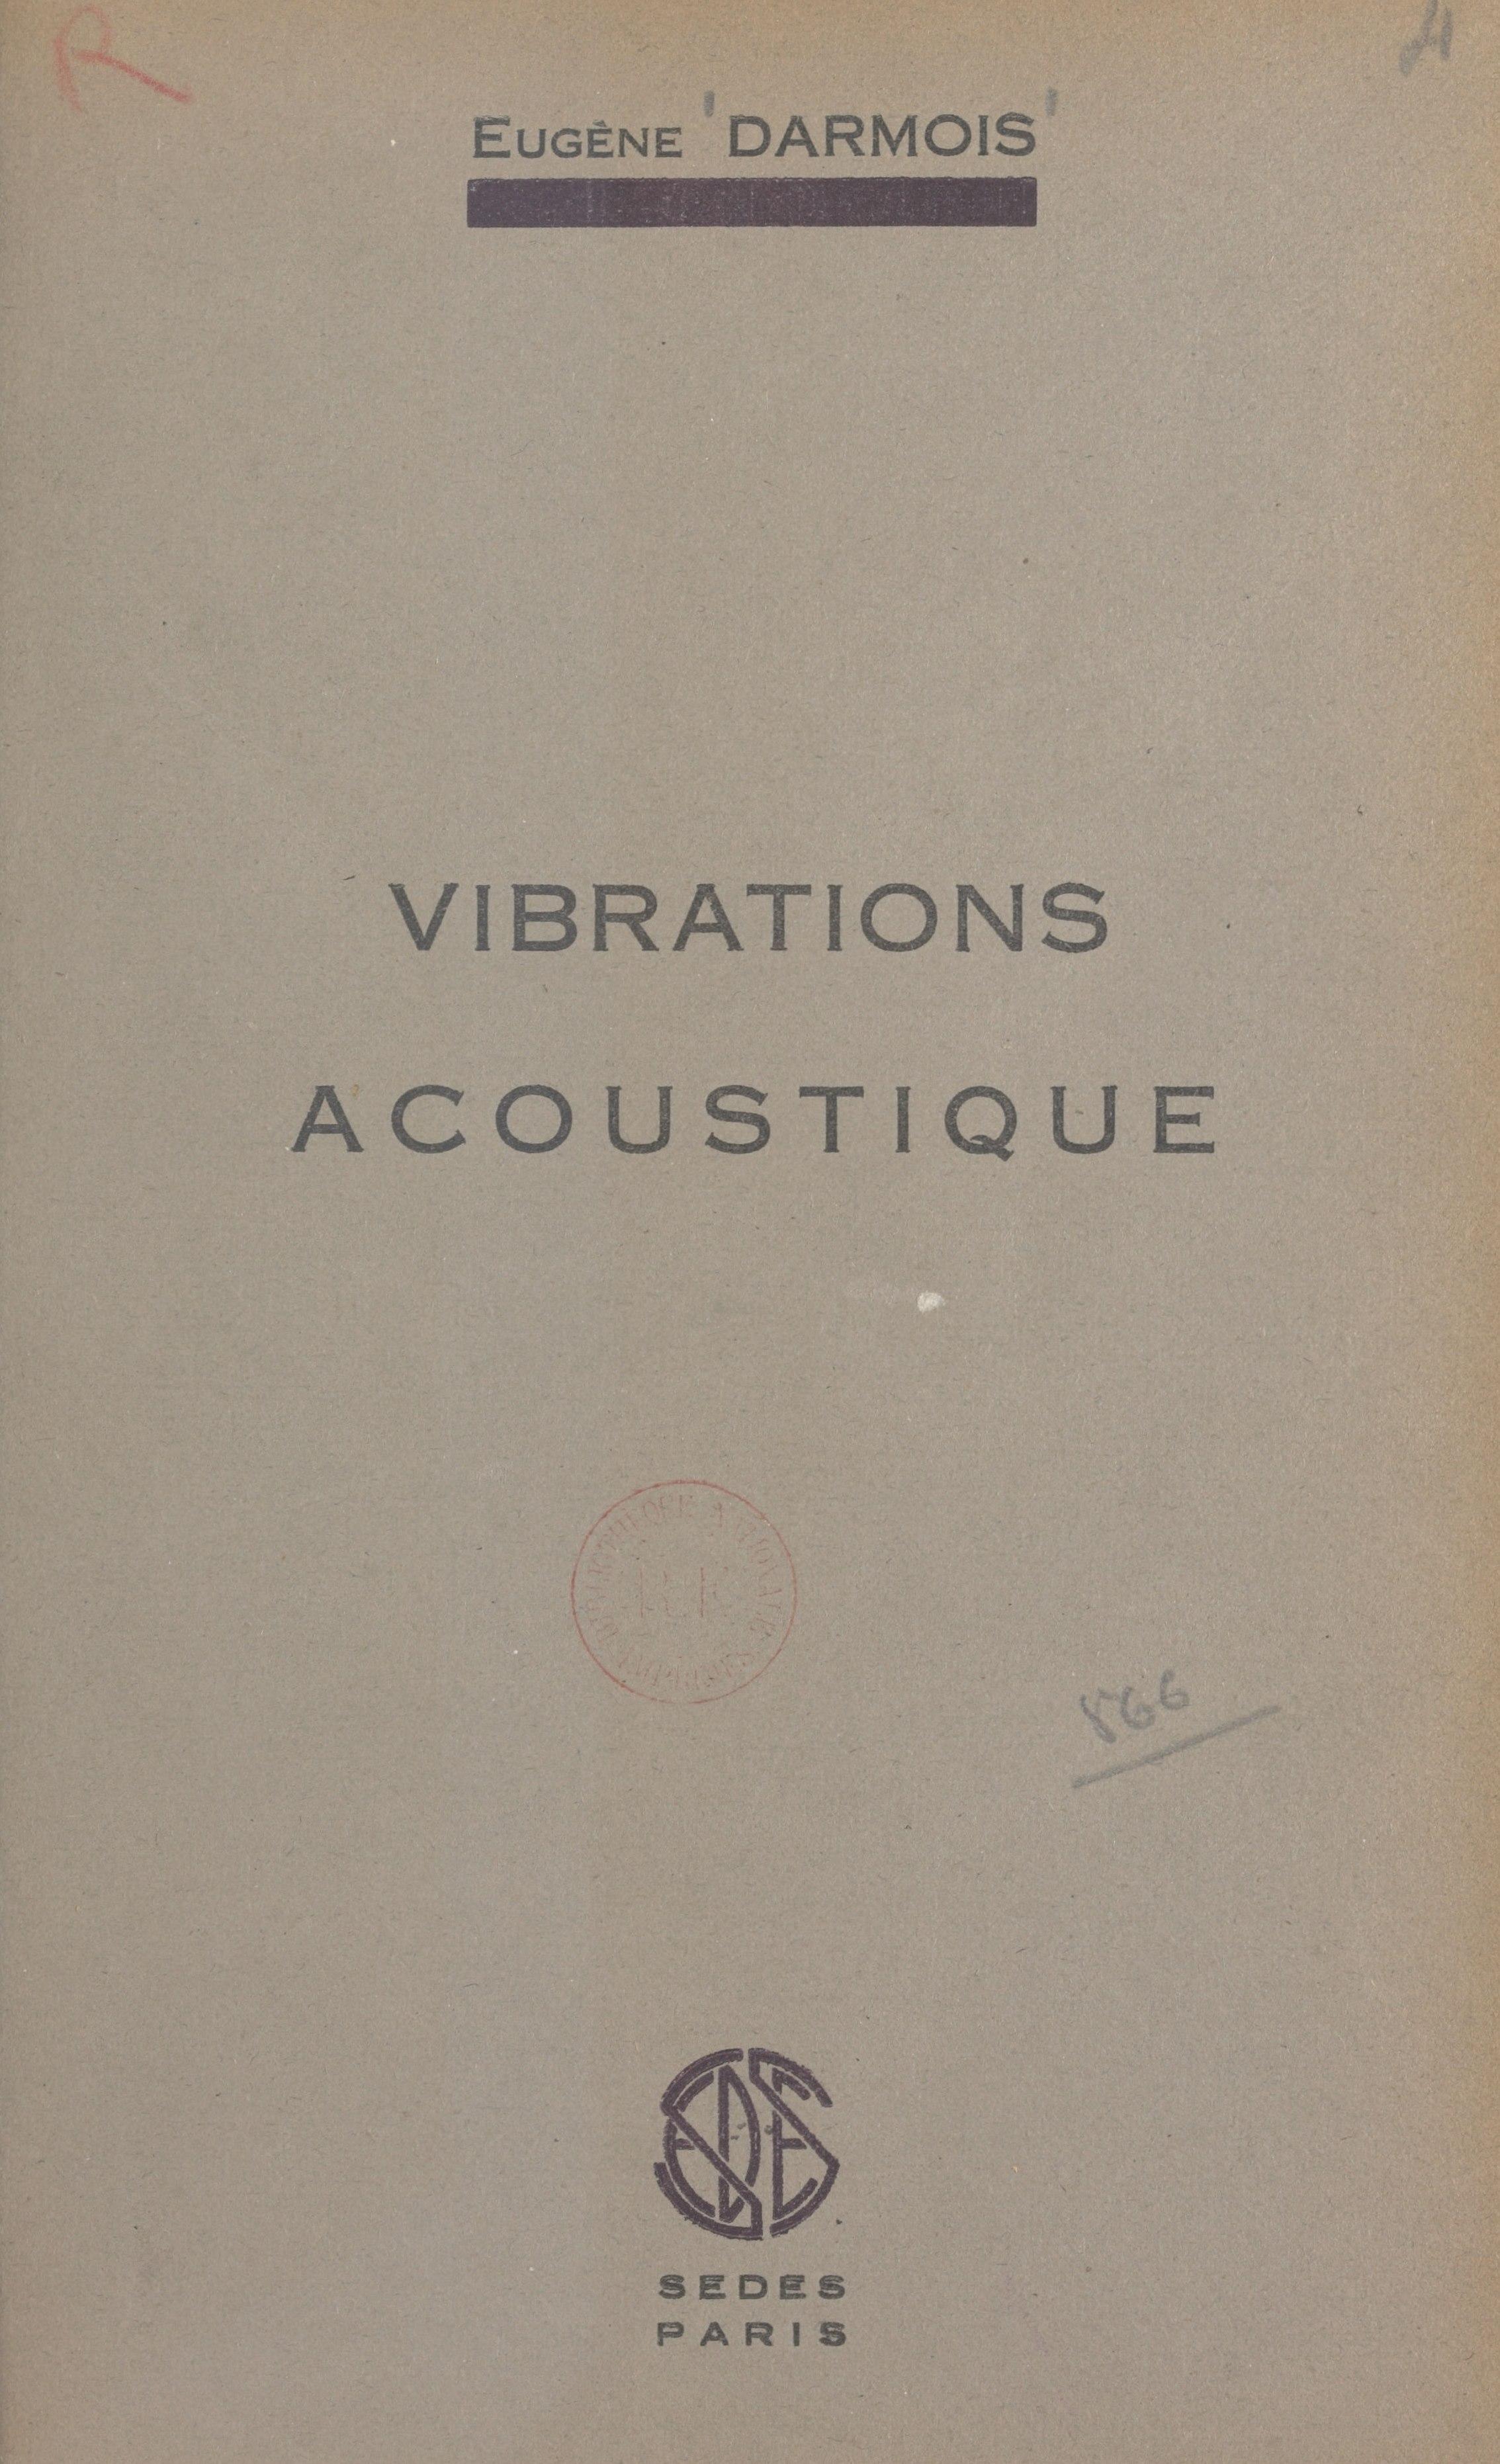 Vibrations, acoustique